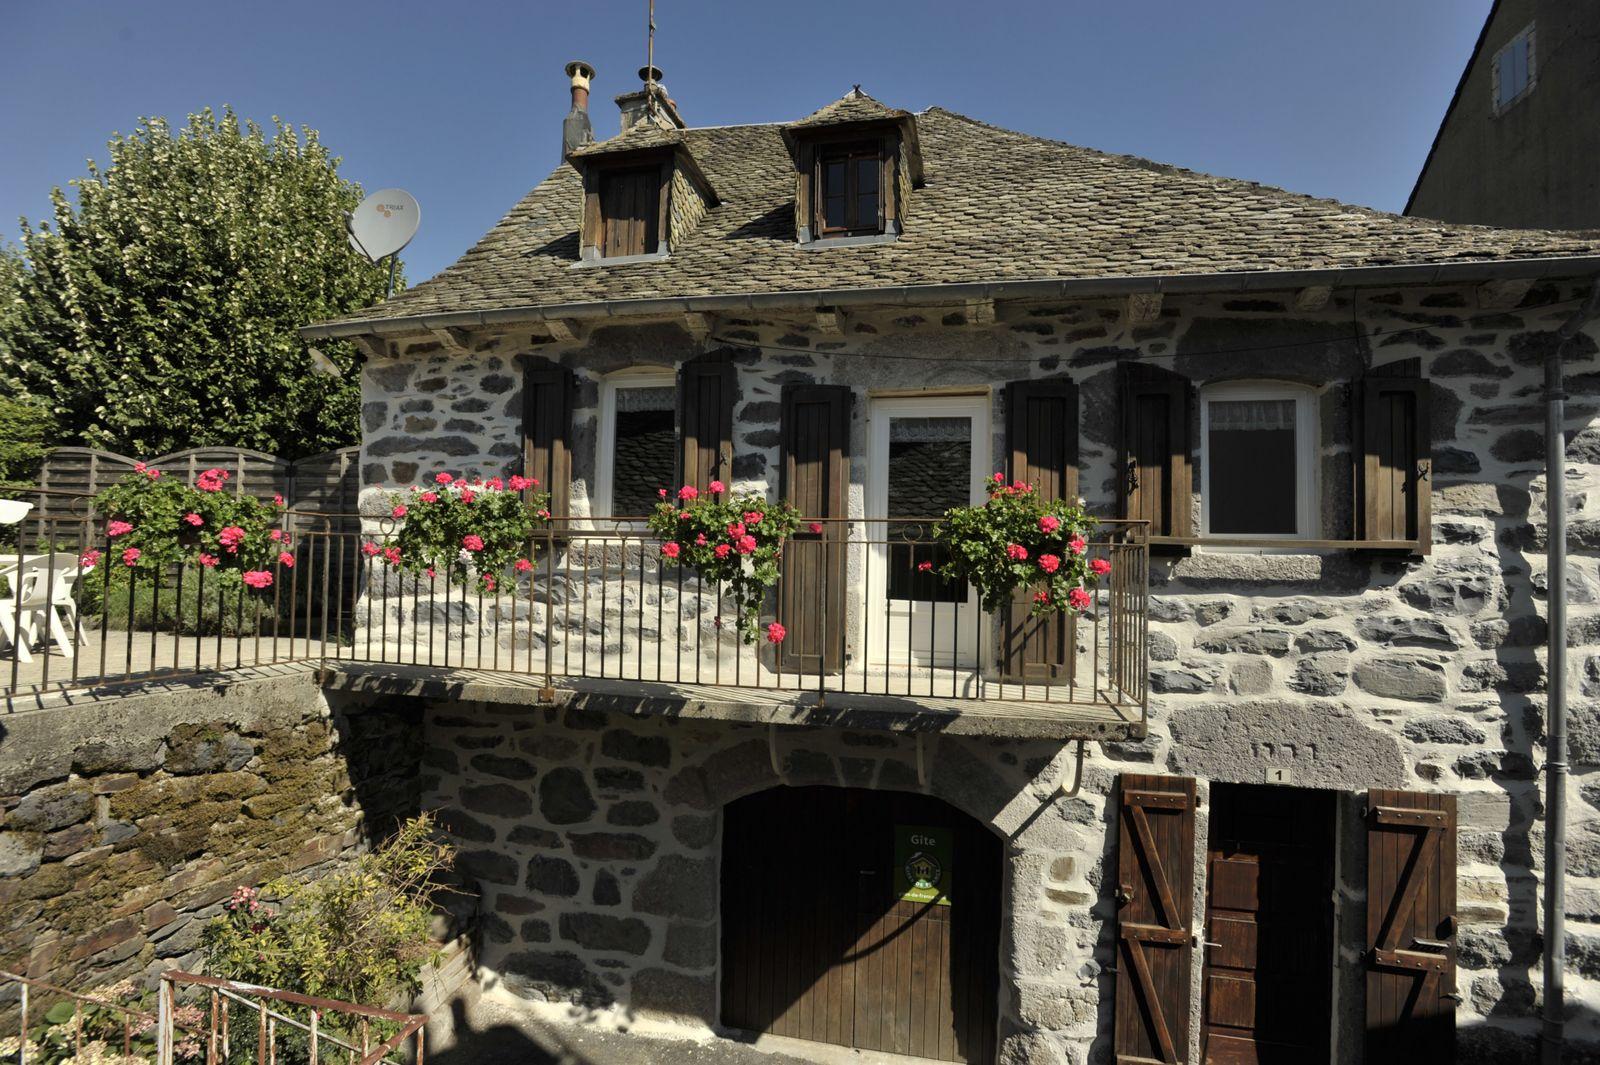 Vue du gite avec son balcon et sa grande terrasse Le gite a été entièrement restauré à l'automne 2020.